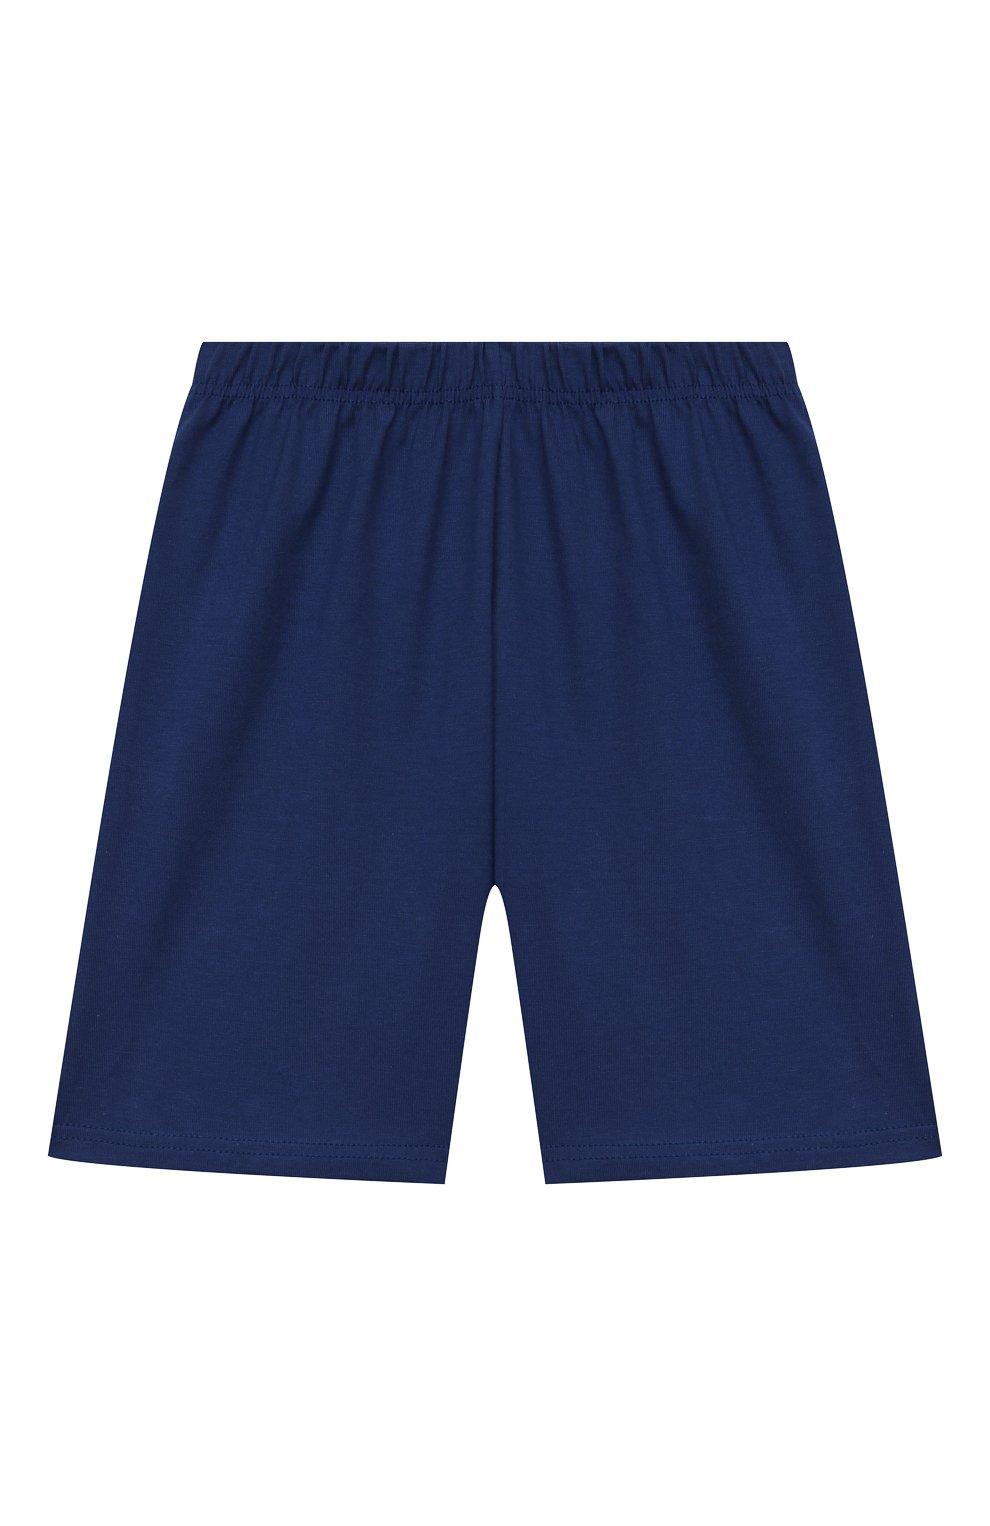 Женская хлопковая пижама LA PERLA синего цвета, арт. 70092/2A-6A | Фото 5